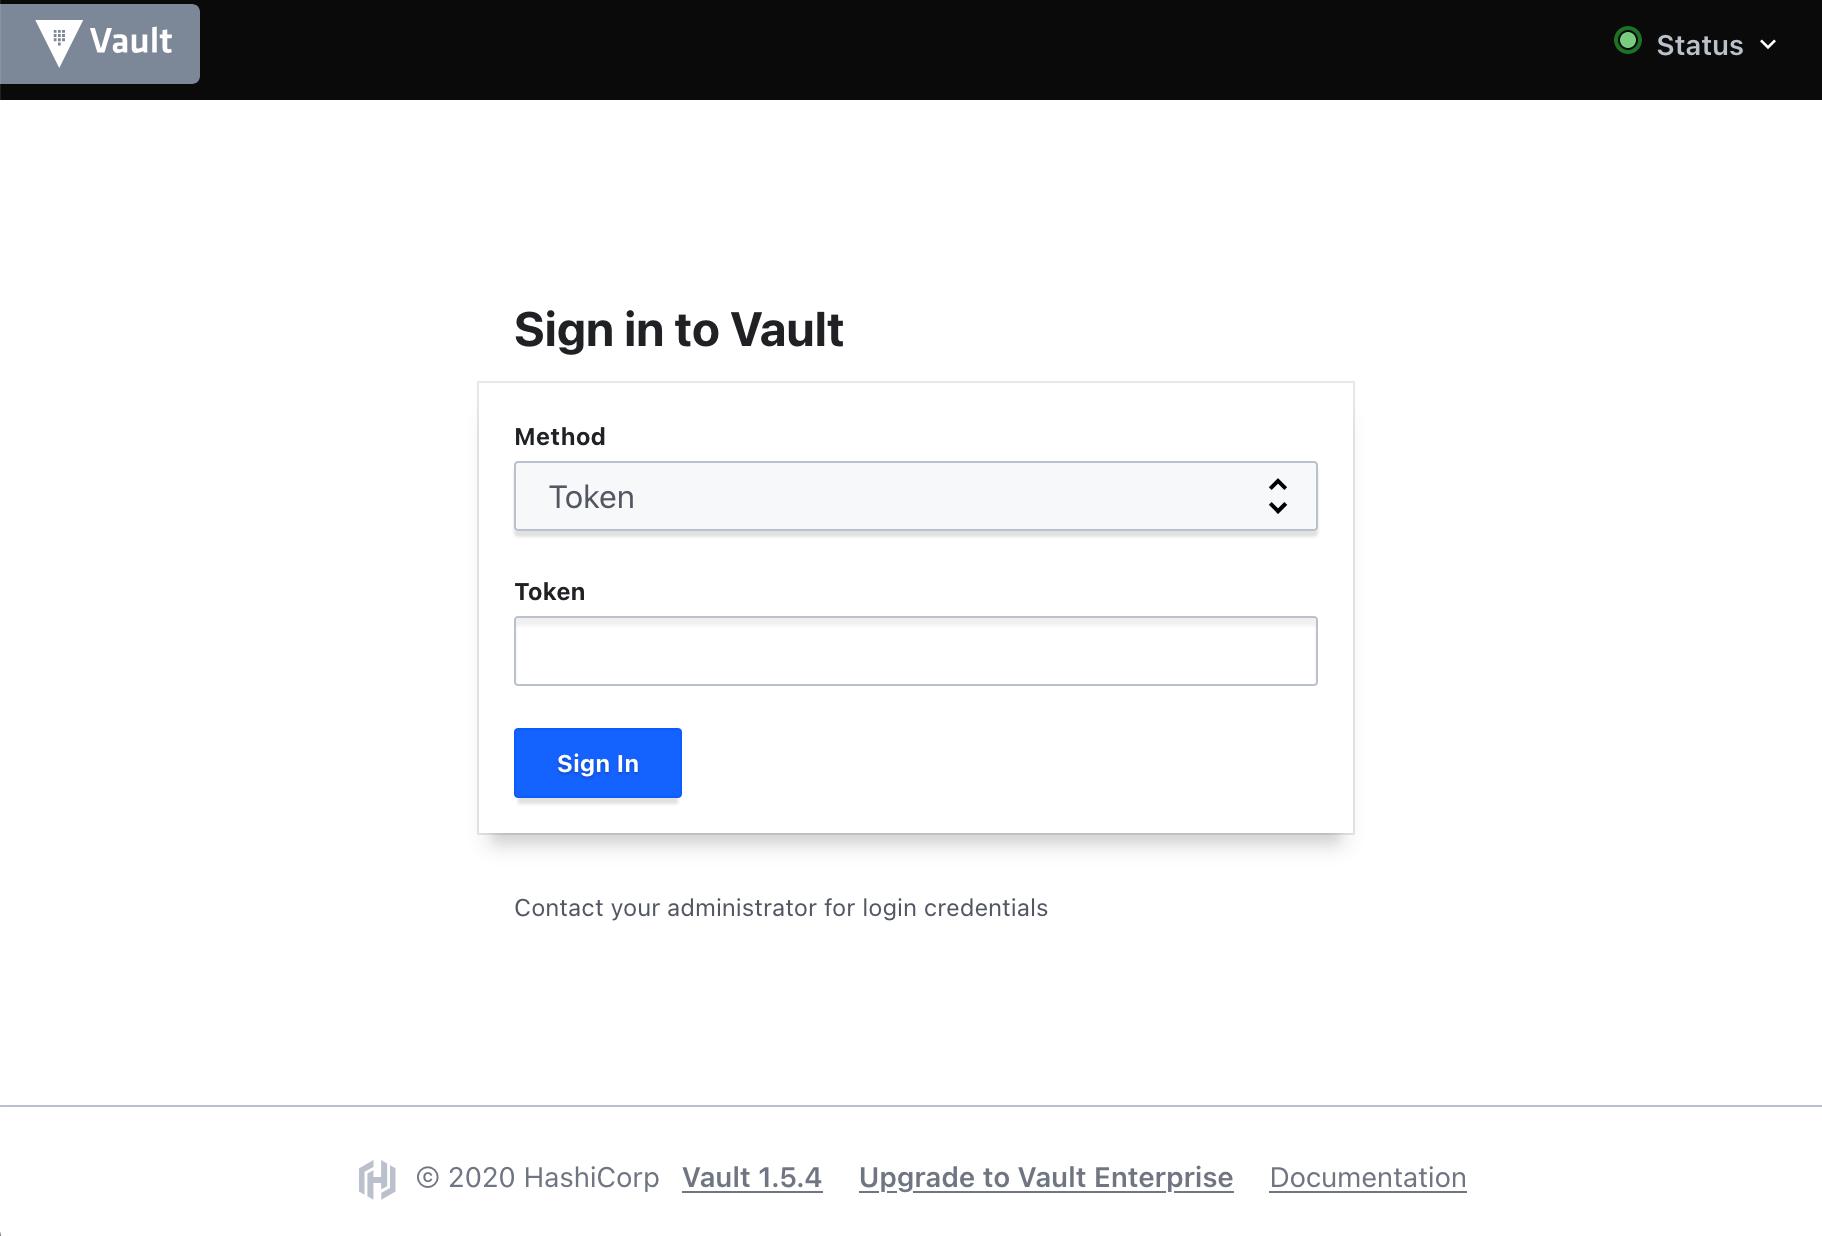 Vault UI